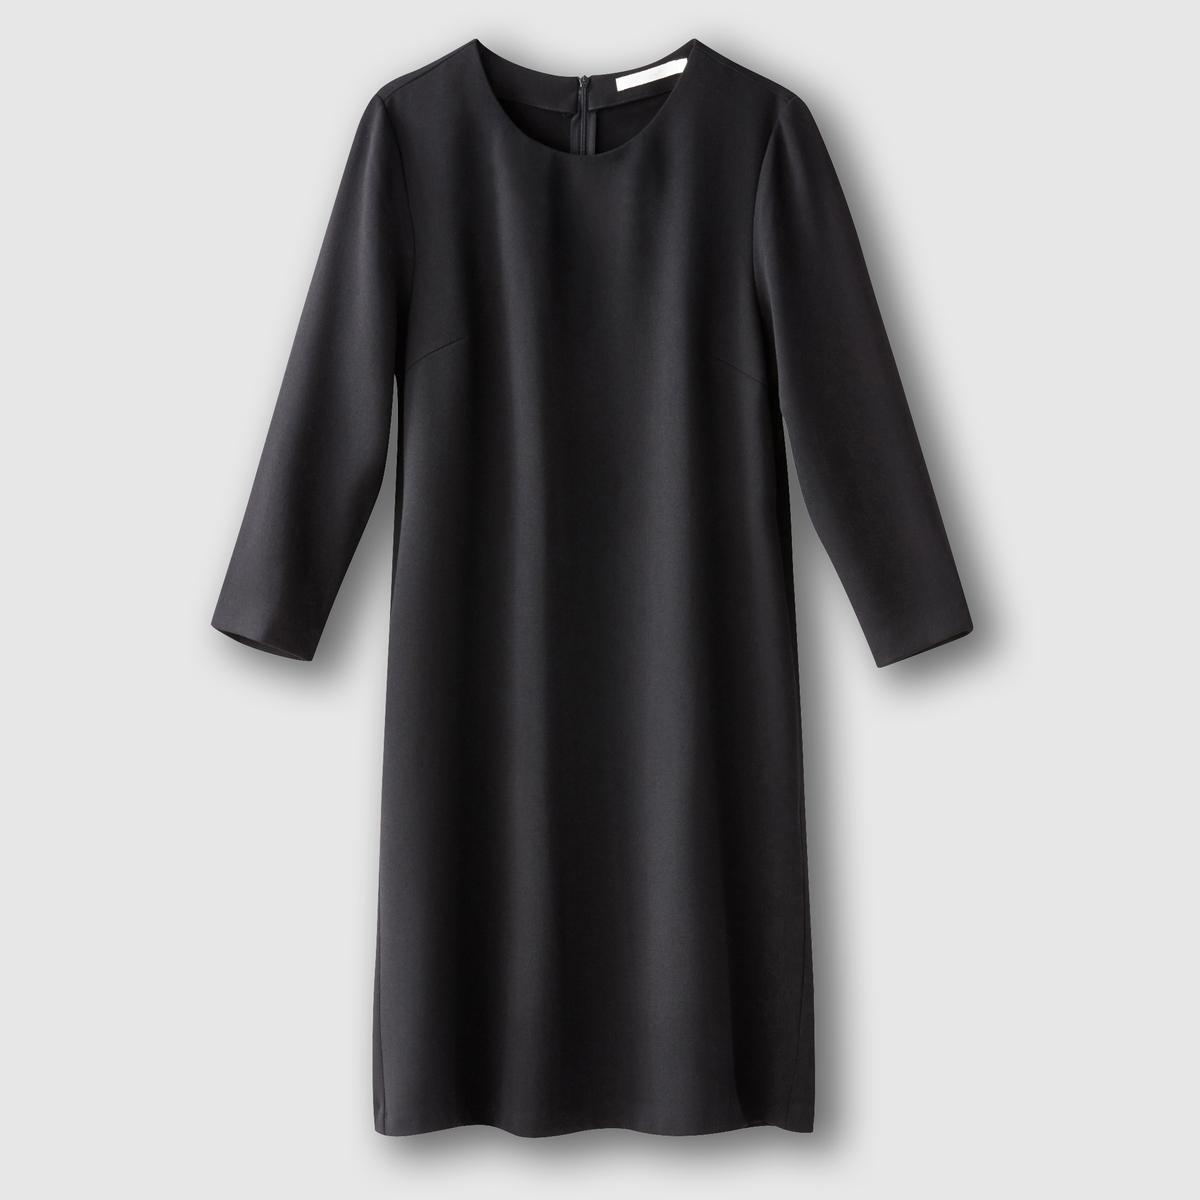 Платье с рукавами 3/4Состав и описаниеМарка:      SEE U SOON.     Материал:     95% полиэстера, 5% эластана.   Подкладка:   100% хлопка.          УходМашинная стирка при 30°C     с вещами схожих цветов.<br><br>Цвет: черный<br>Размер: L